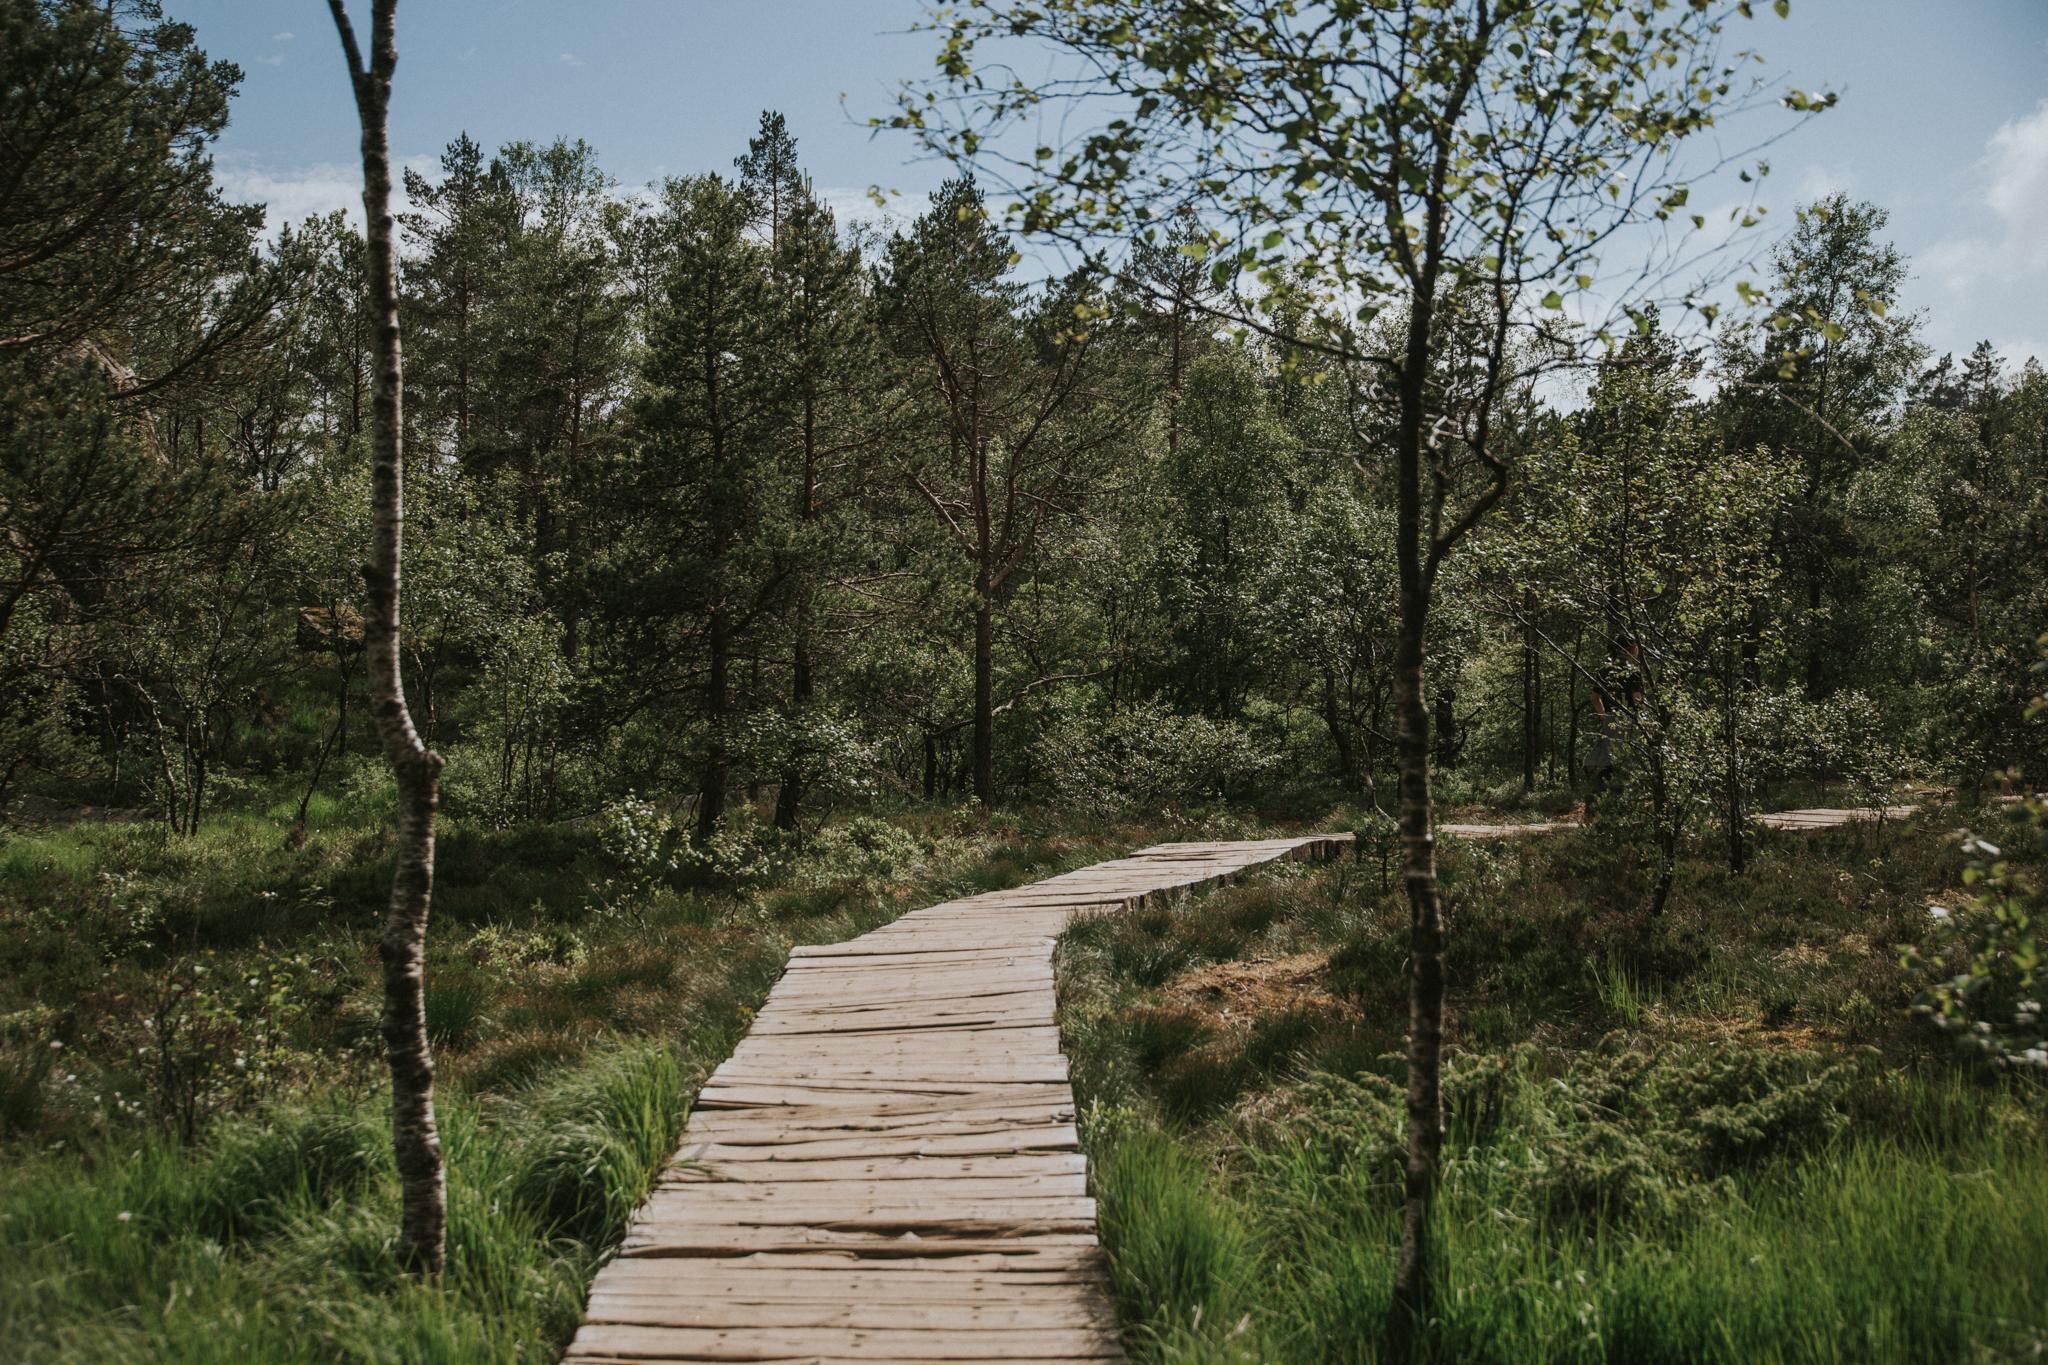 preikestolen-norwegia-trekking-szlak